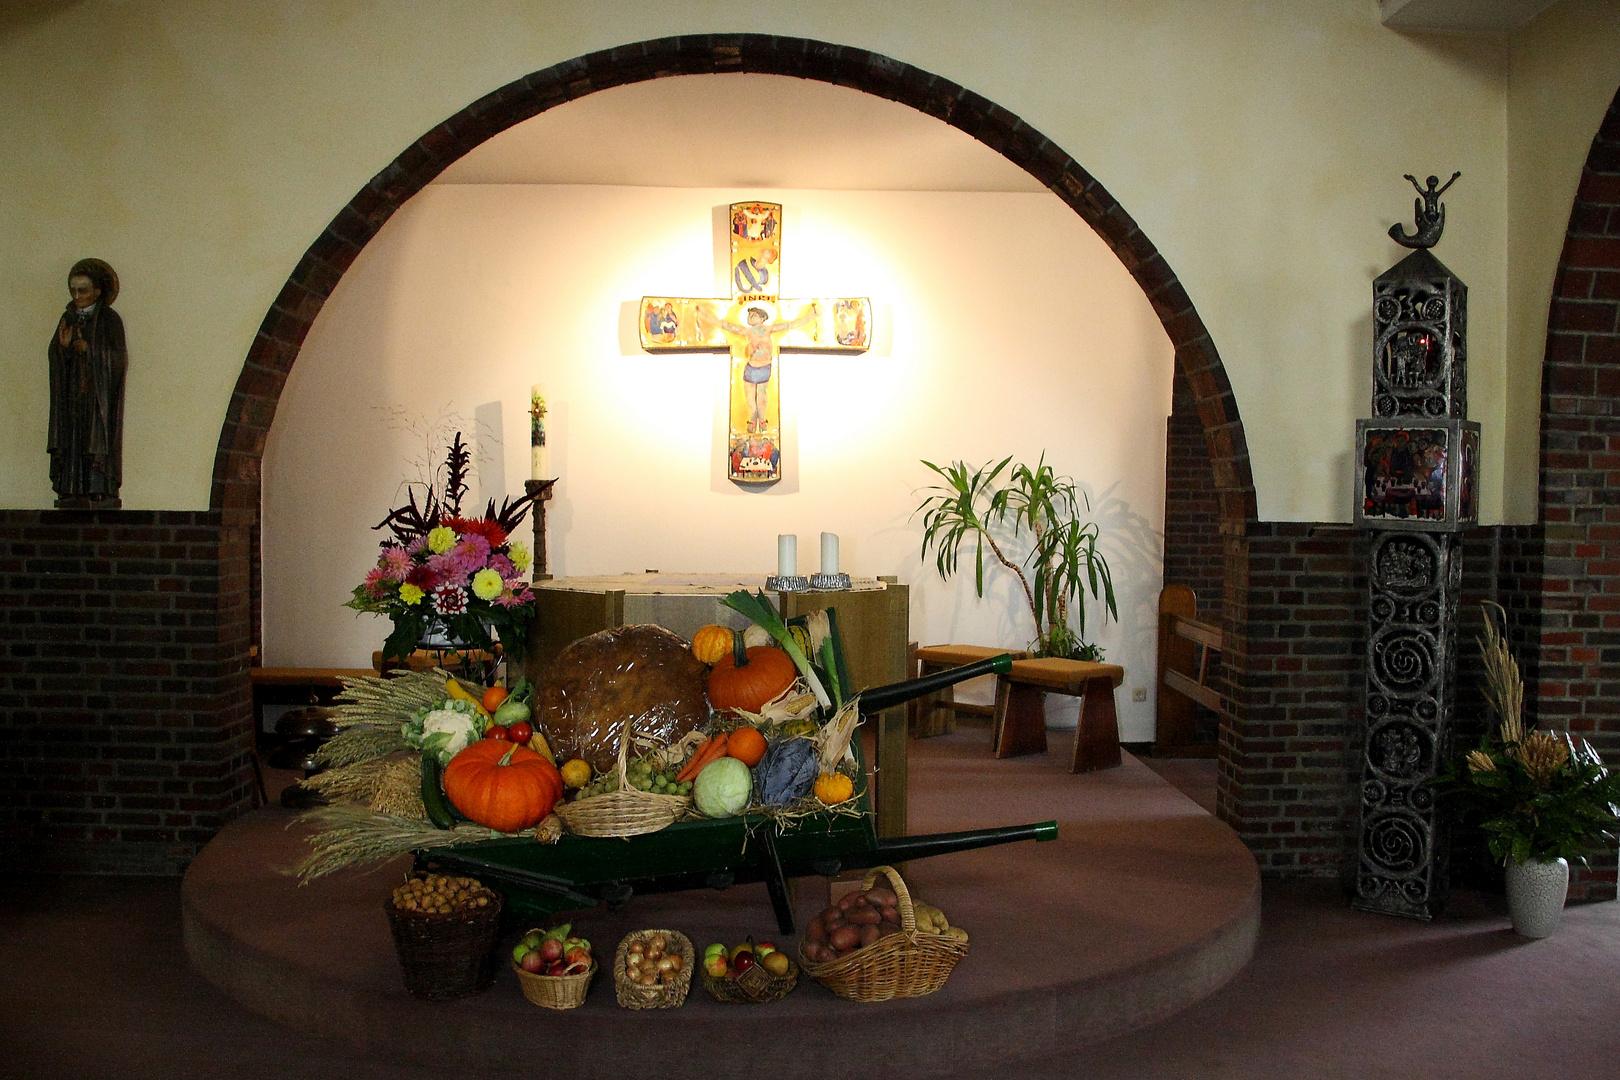 Erntedank 2013 im Jugendkloster, Kirchhellen